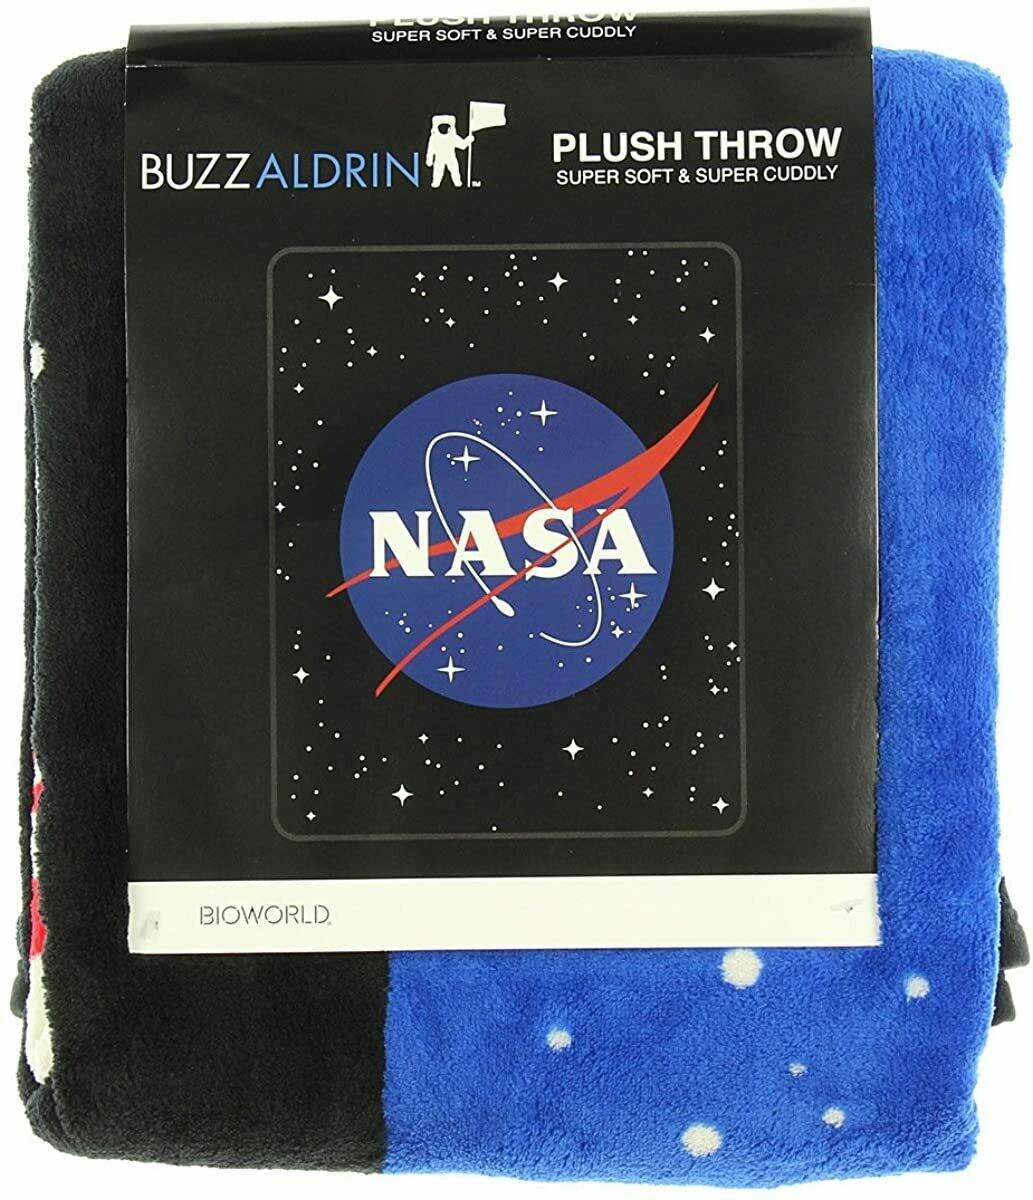 Nasa Plush Throw